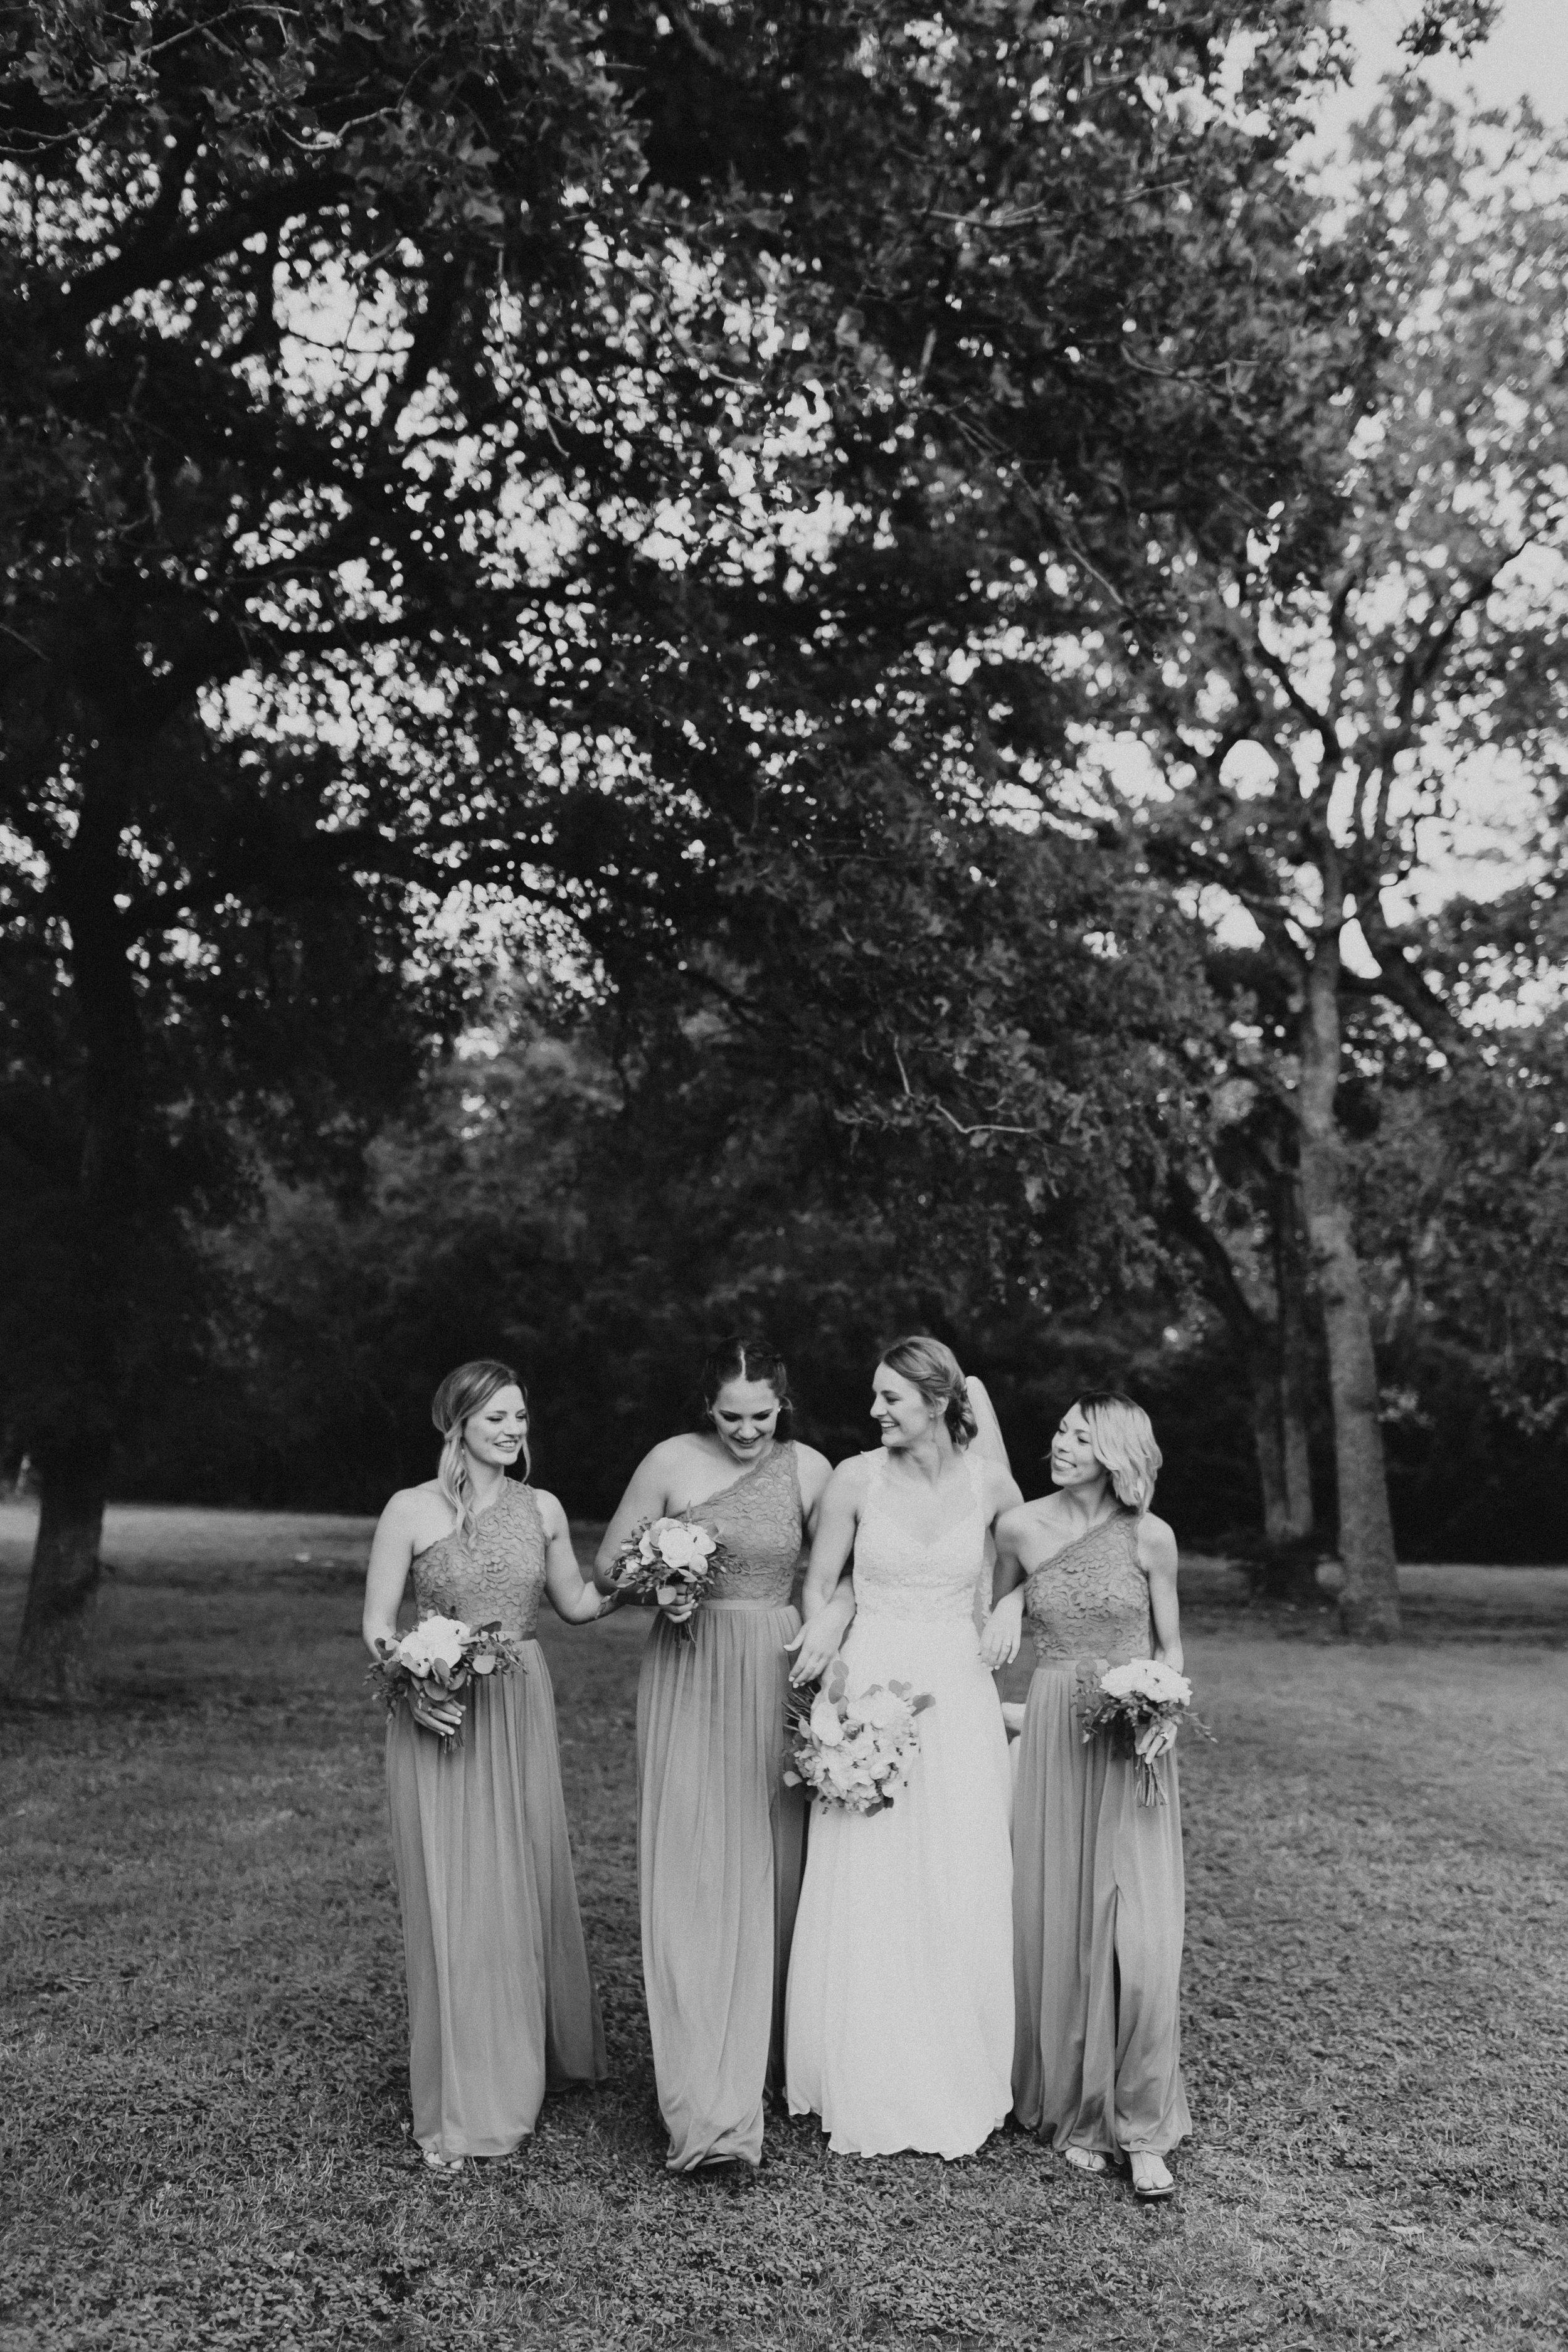 HAILEY-TIM-wedding-photographer-kindred-oaks-texas-265-1.jpg